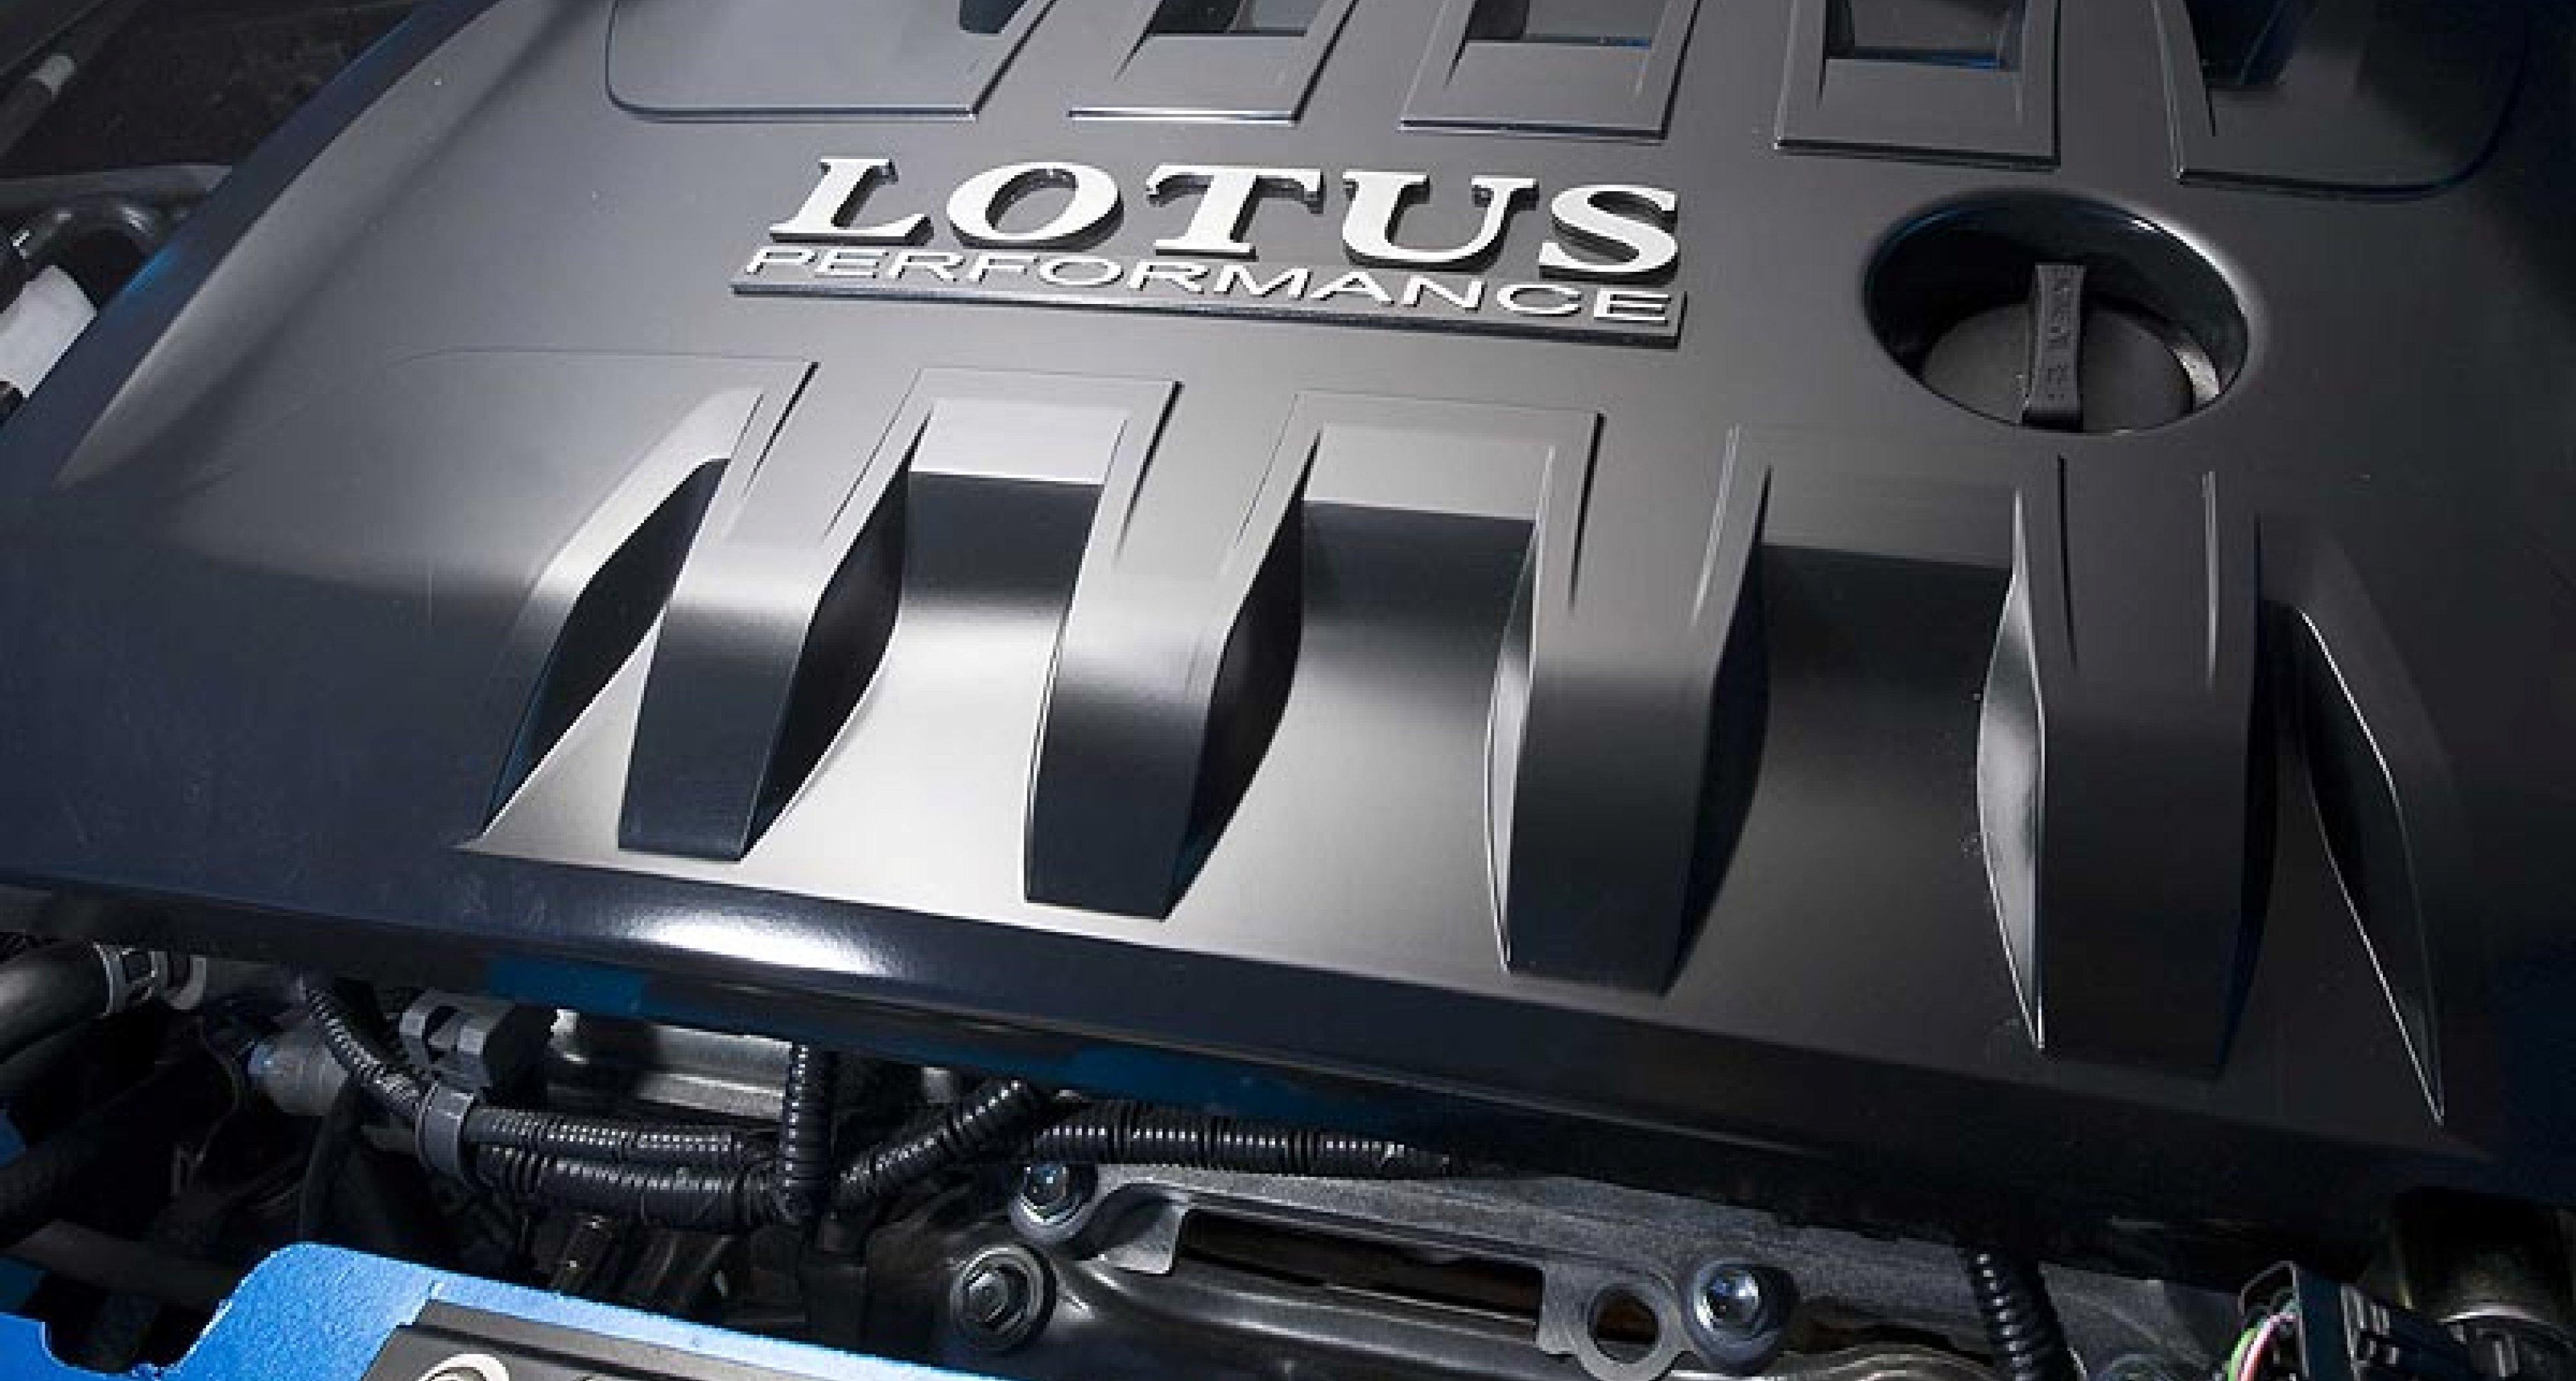 Lotus Elise – The Third Generation